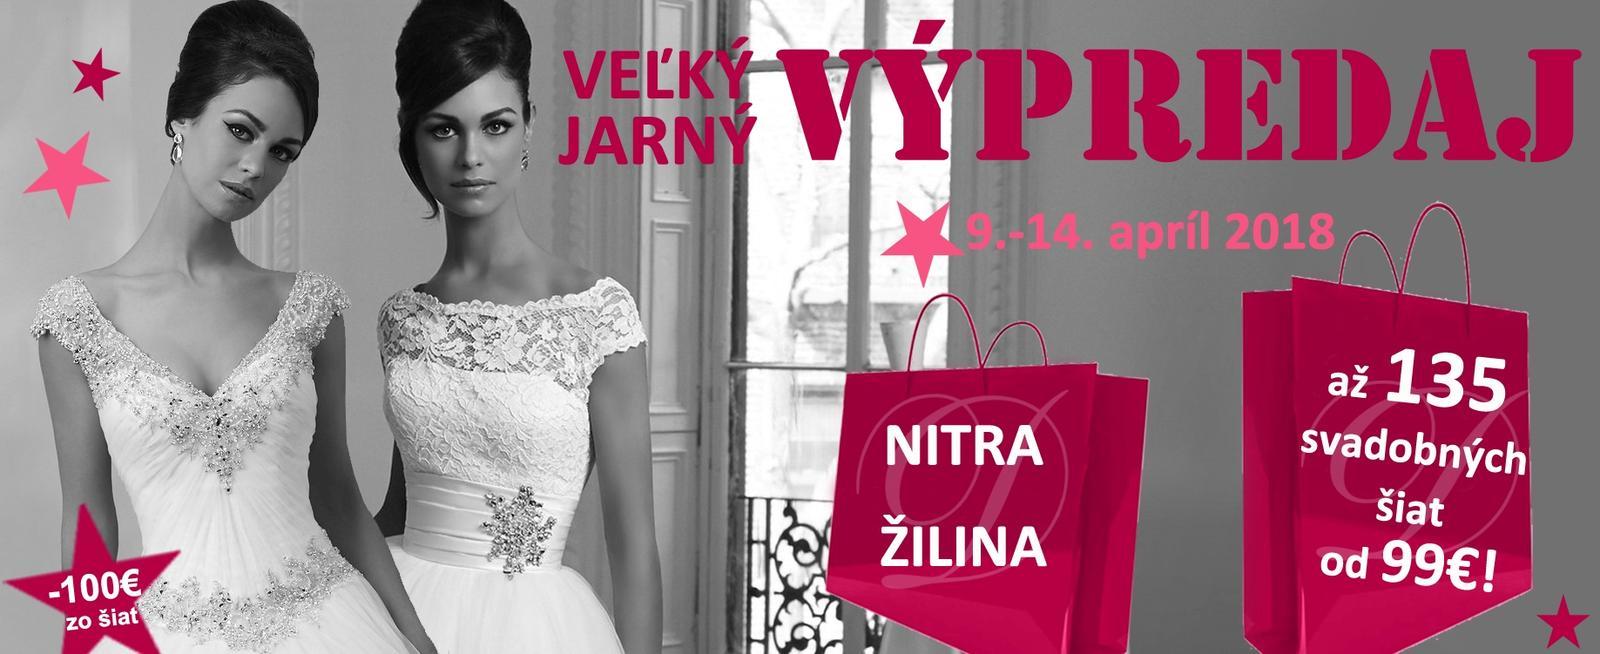 Veľký jarný VÝPREDAJ svadobných šiat v Nitre a v Žiline! - 9.-14.apríl 2018